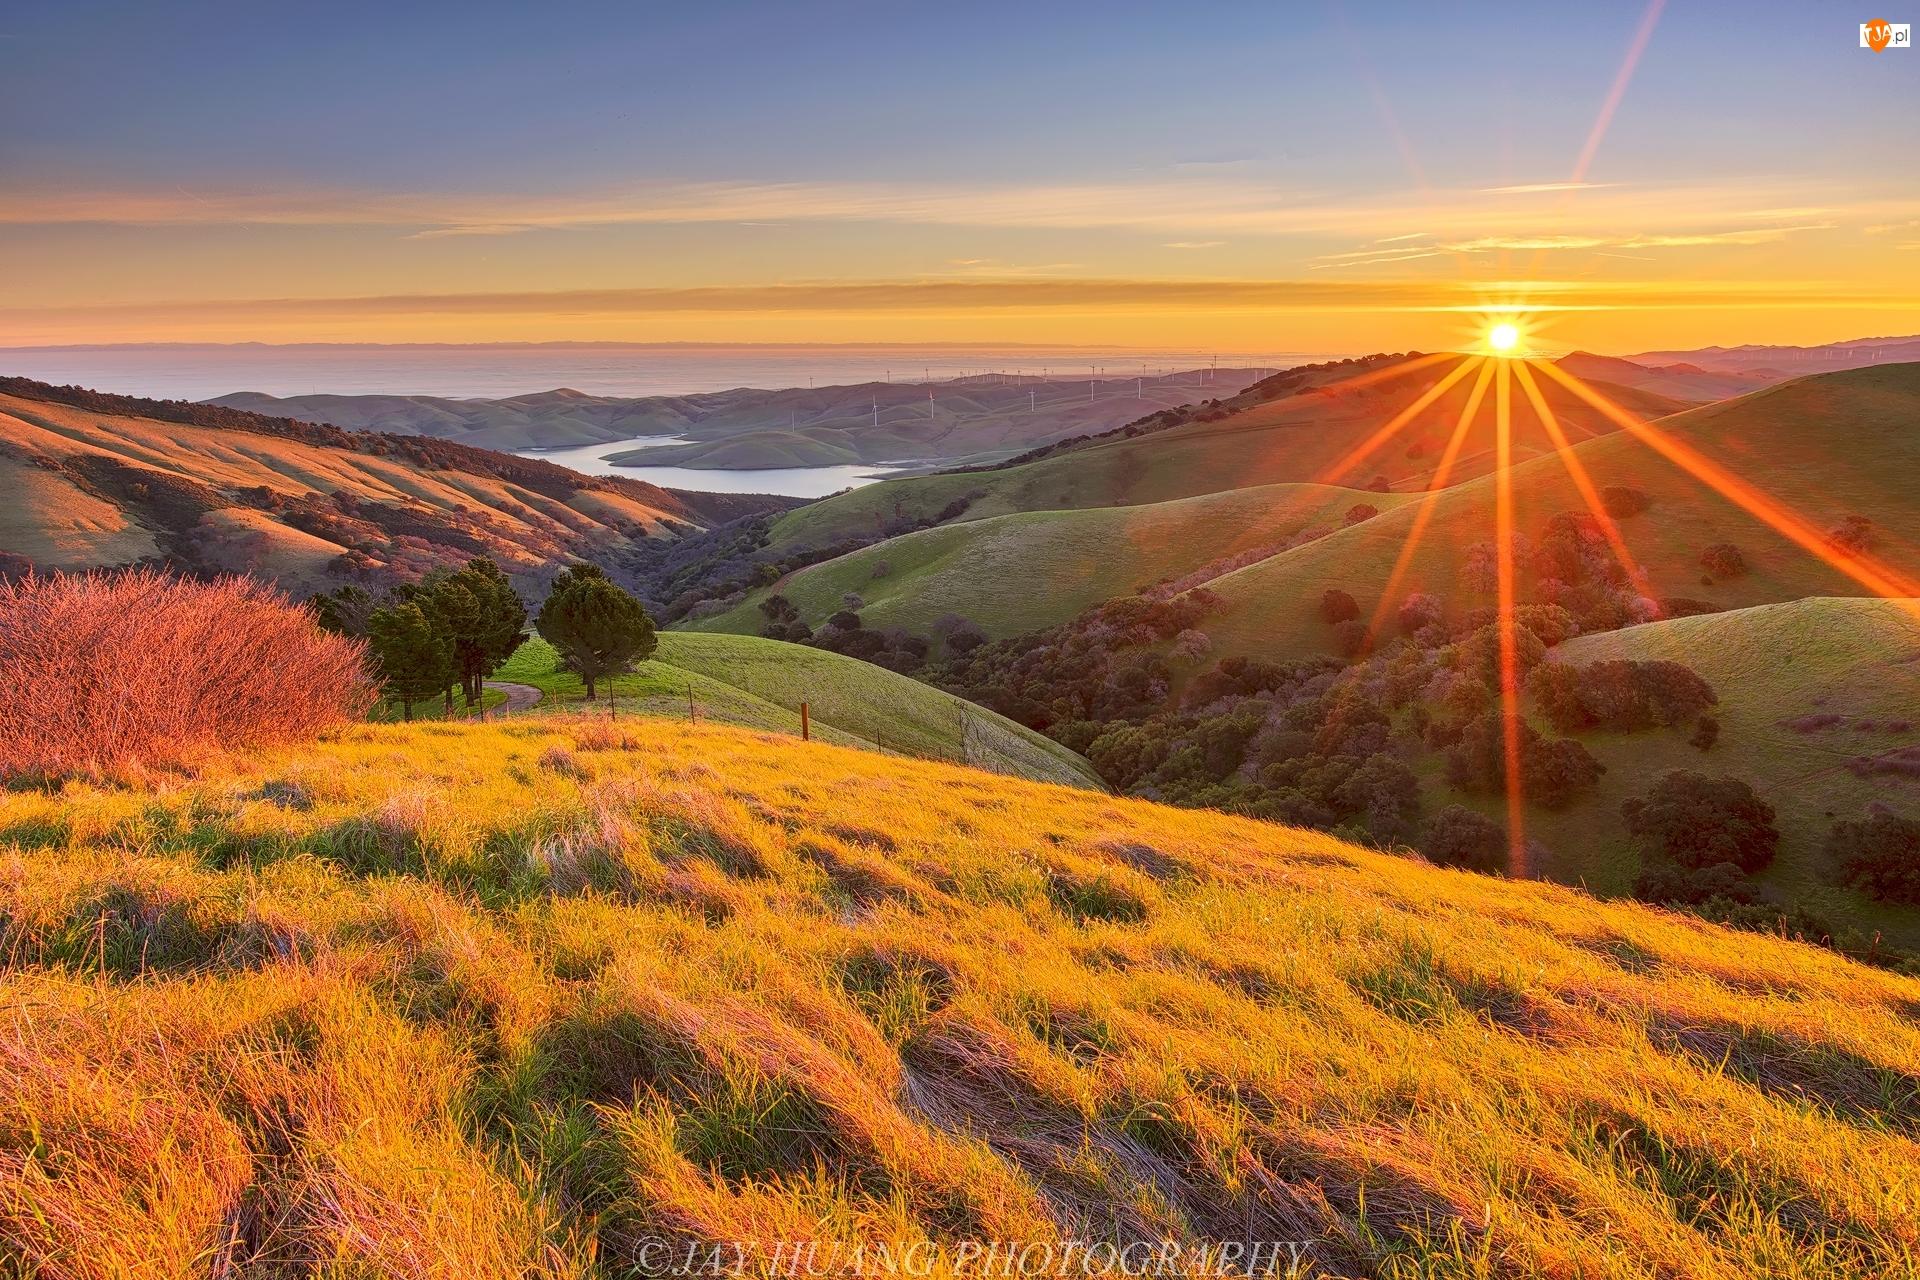 Stany Zjednoczone, Jezioro, Kalifornia, Promienie słońca, Dolina Livermore Valley, Drzewa, Krzewy, Góry, Wzgórza